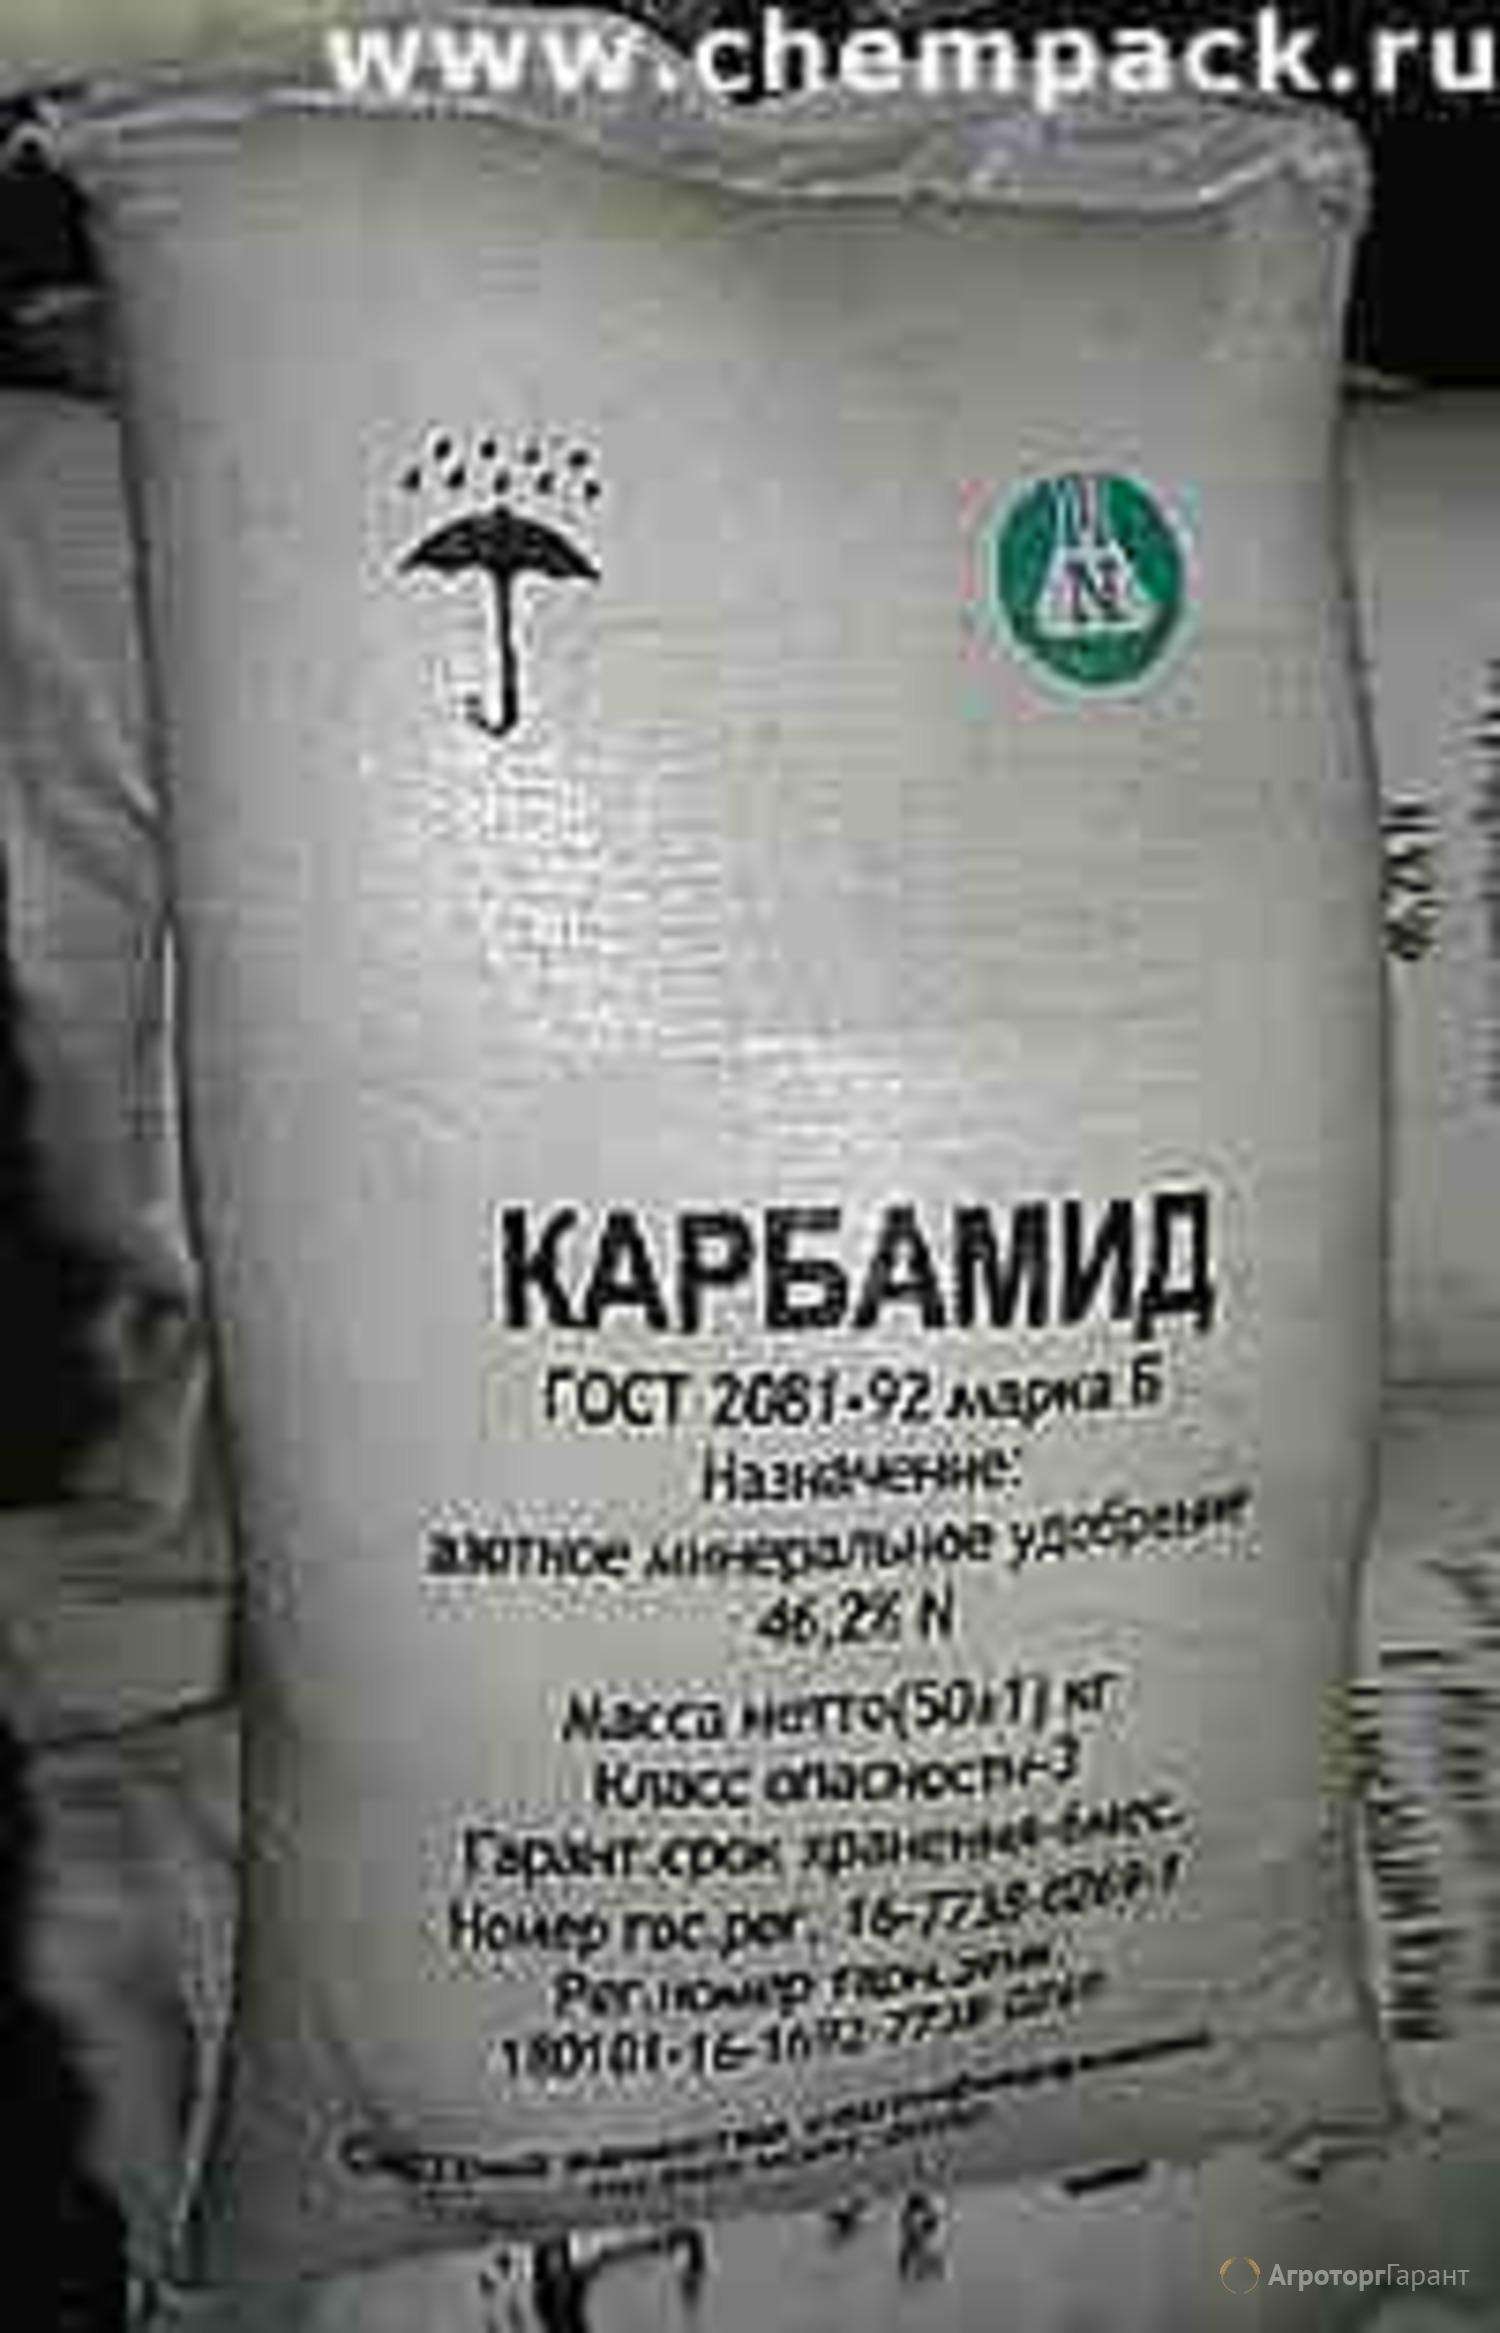 Объявление Карбамид в Нижегородской области